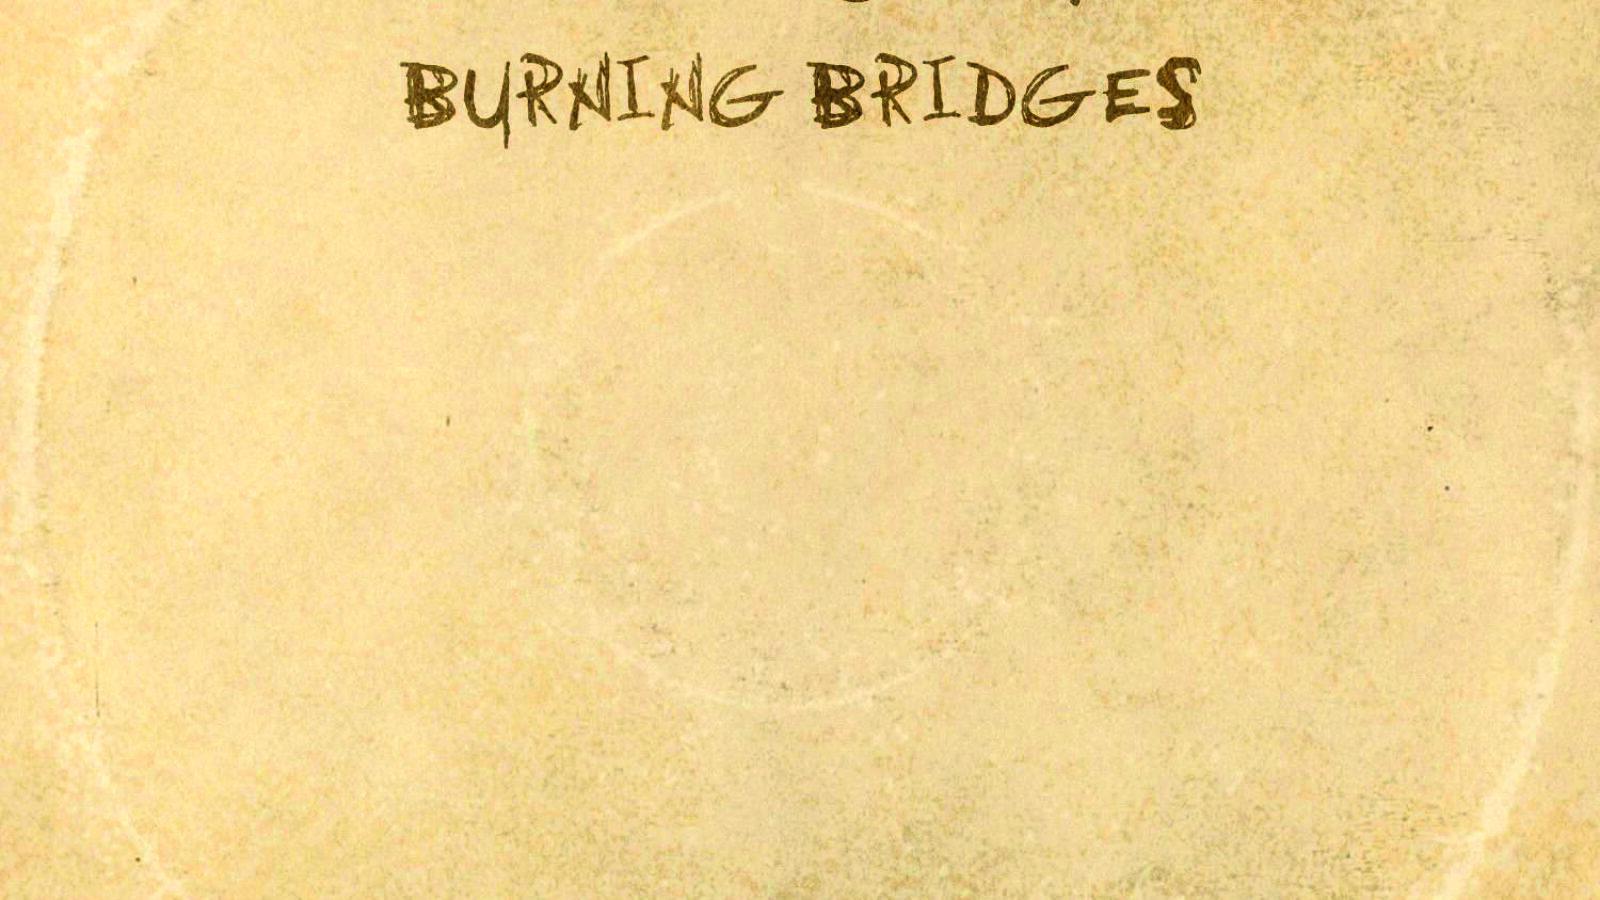 OXMOX CD-Tipp: BON JOVI – Burning Bridges